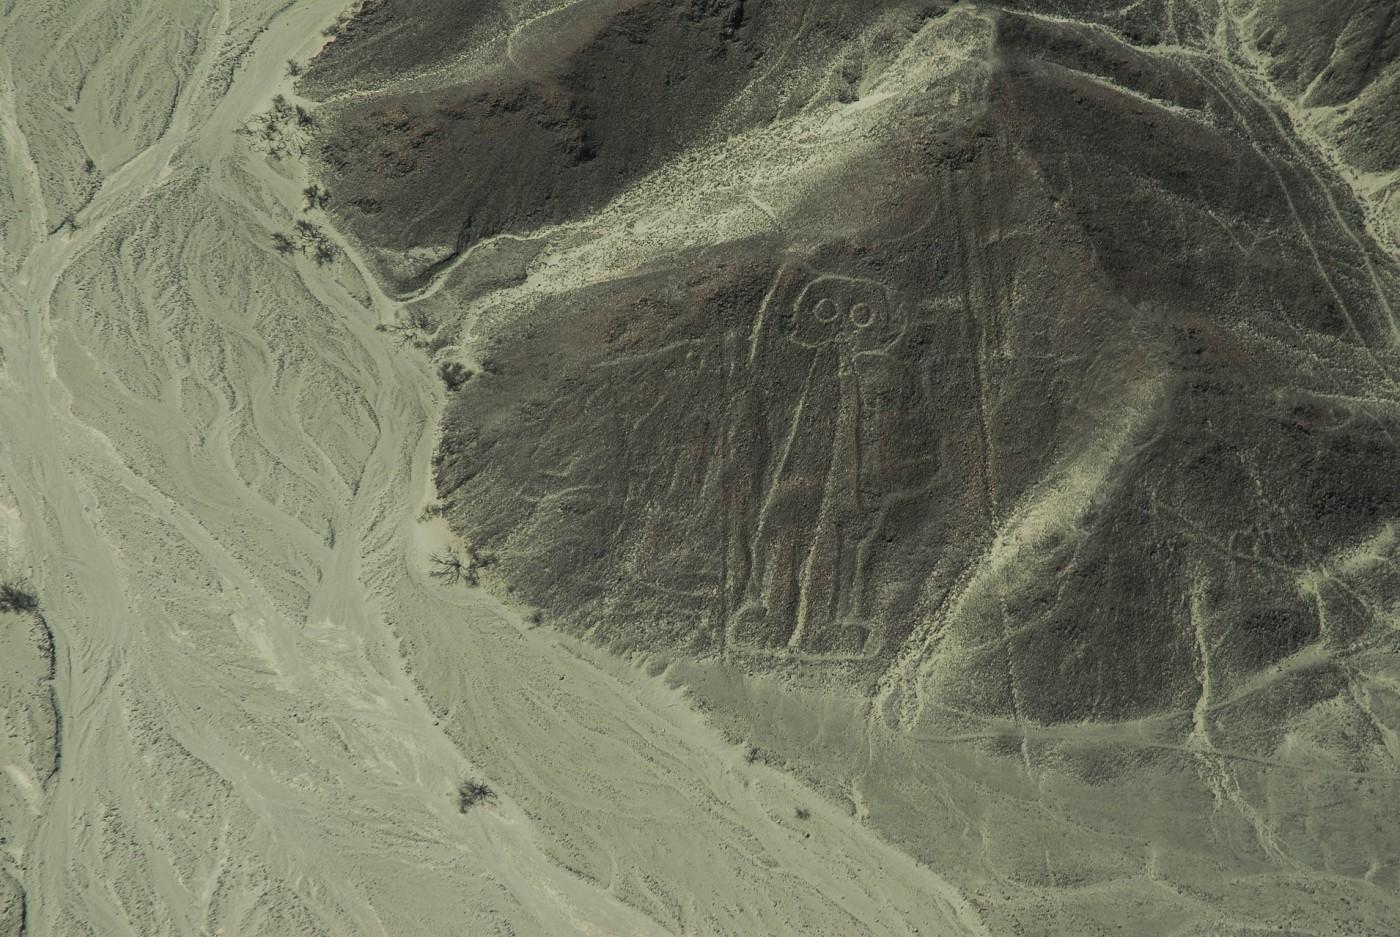 El astronauta, sobre una elevación del terreno. Líneas de Nazca, Perú.